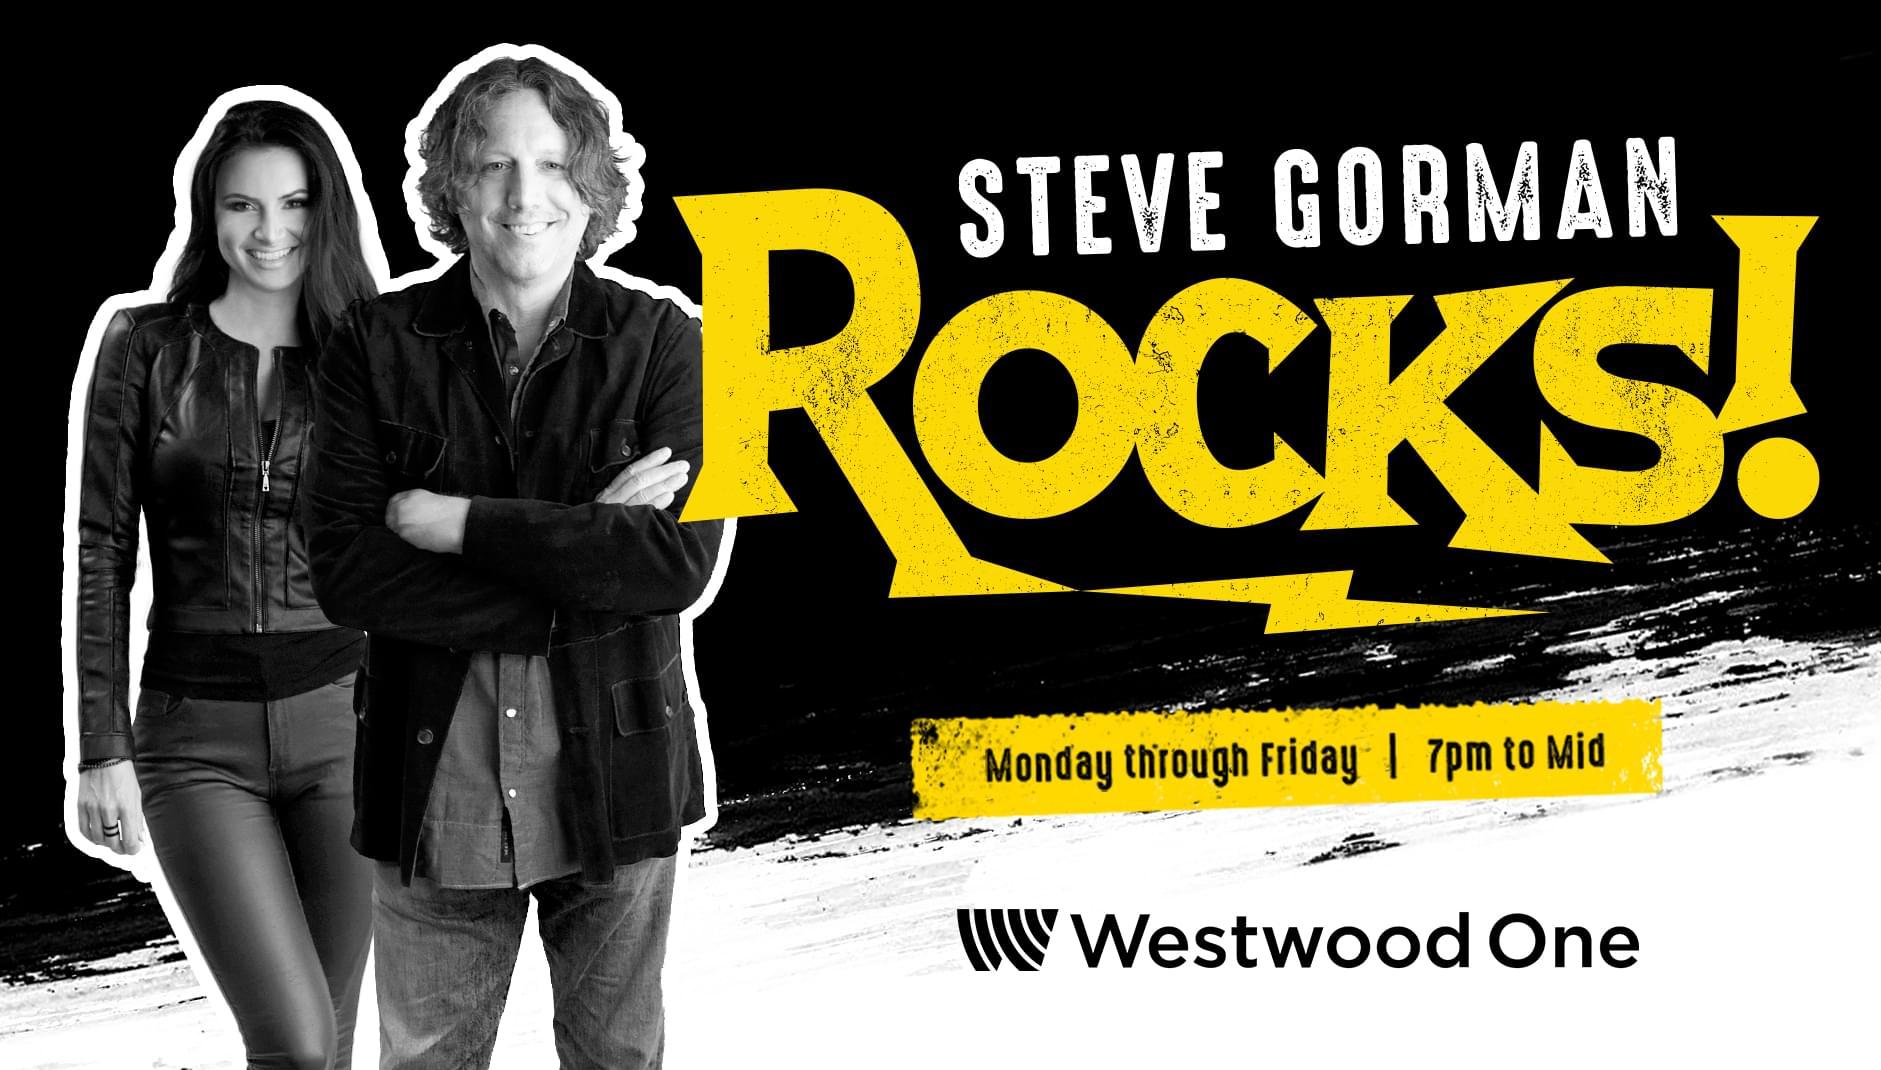 Steve Gorman Rocks